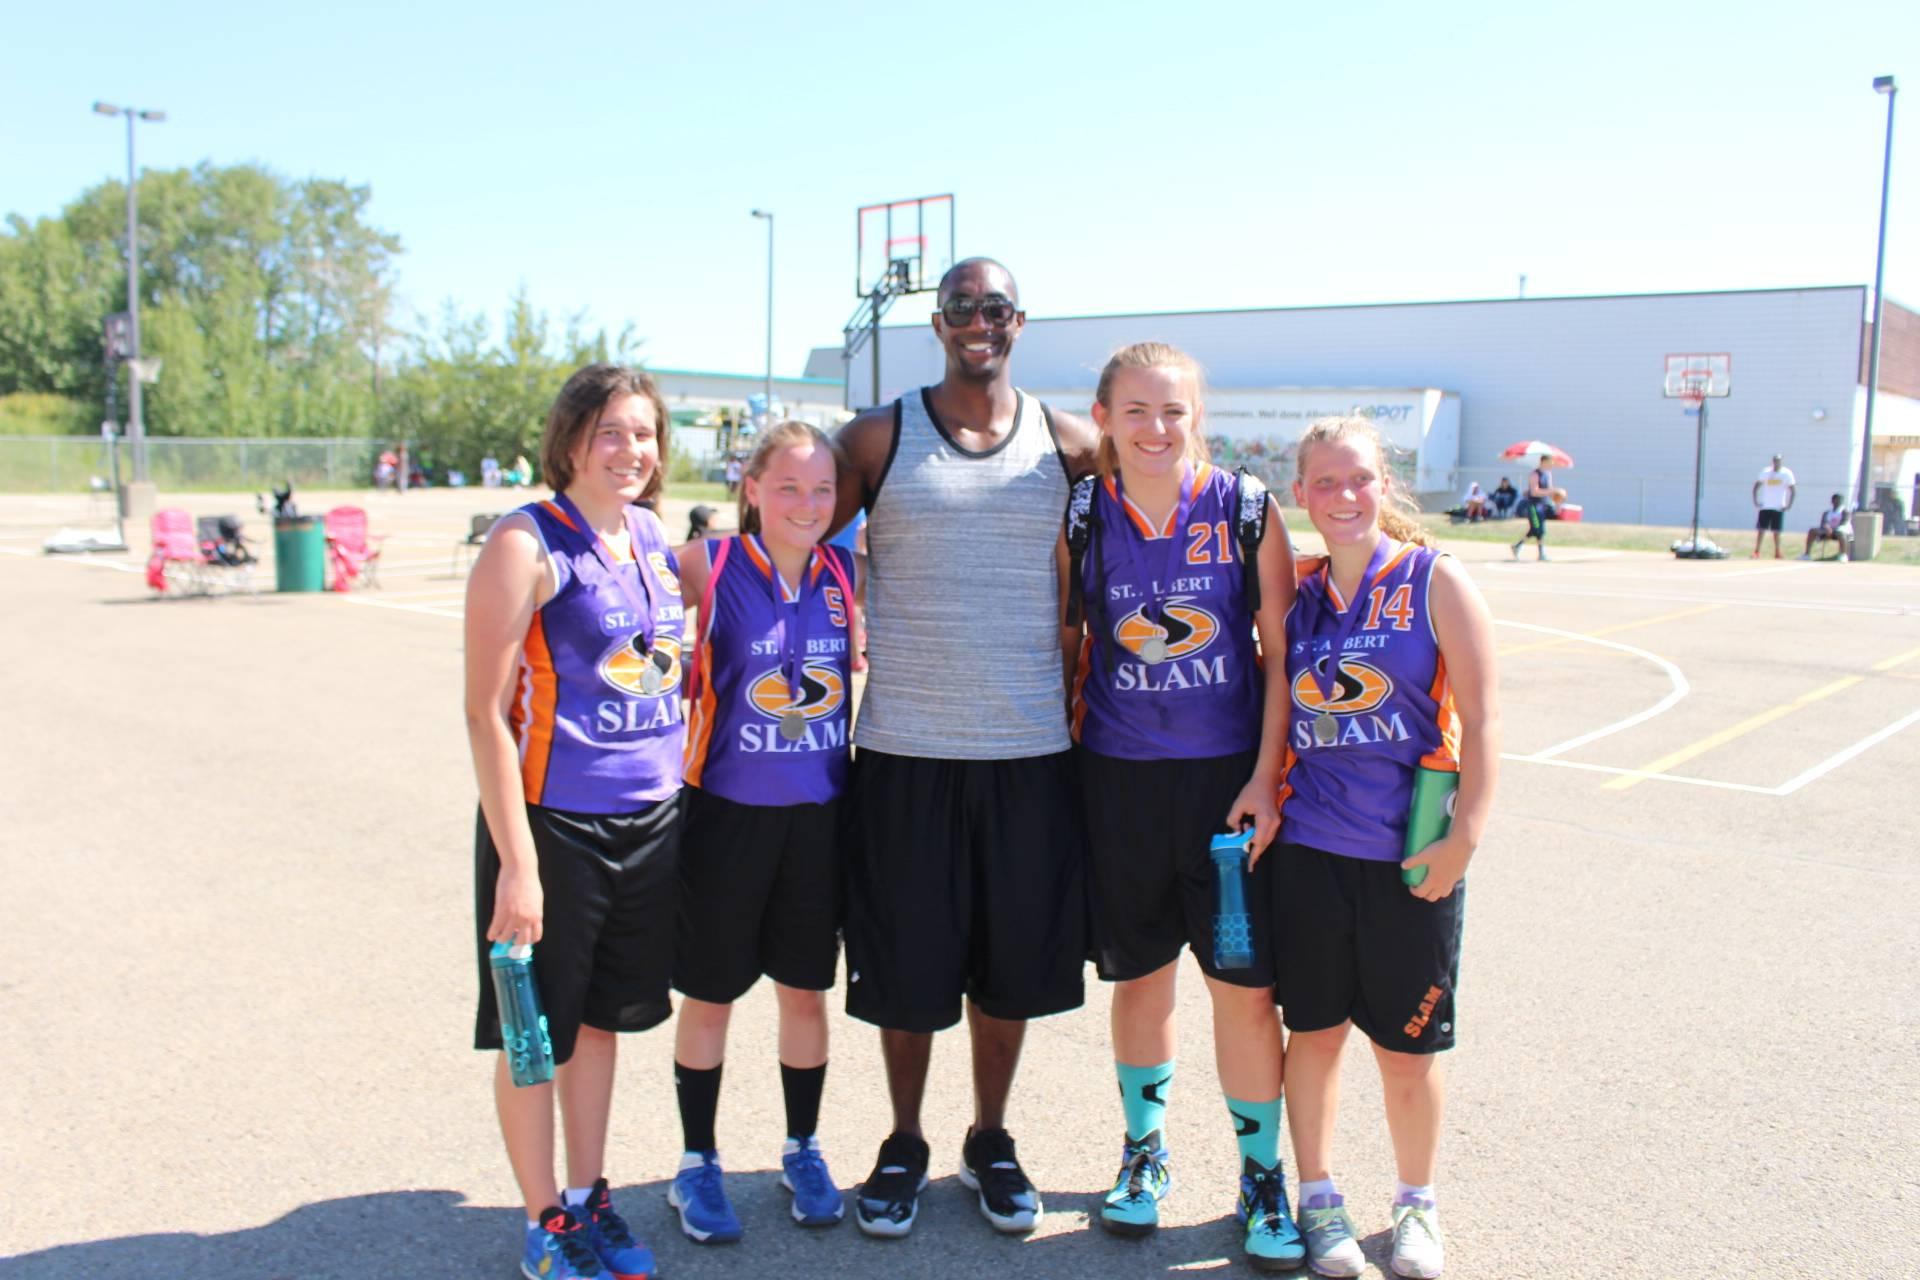 13-15yrs Old Girls Runner's Up: St. Albert Slam